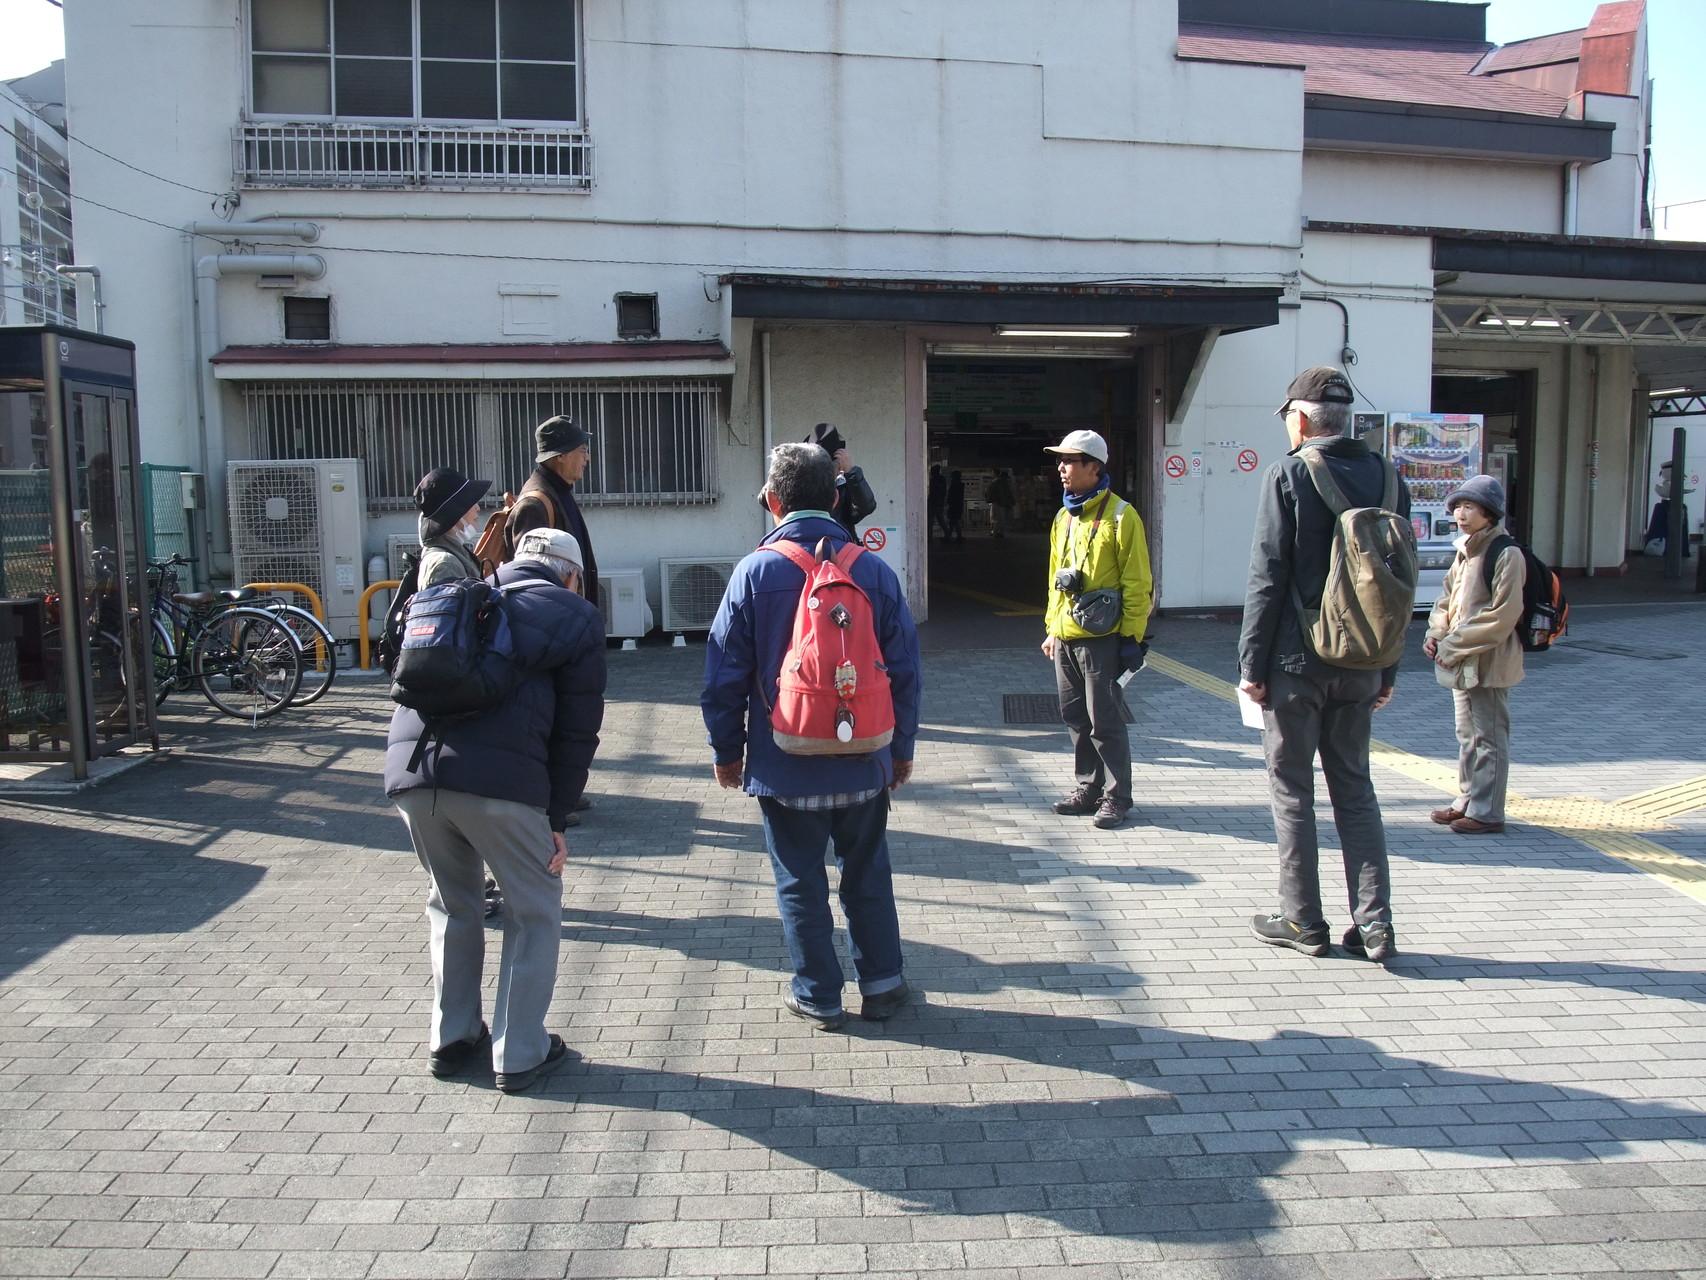 田浦の隣駅 横須賀で解散!